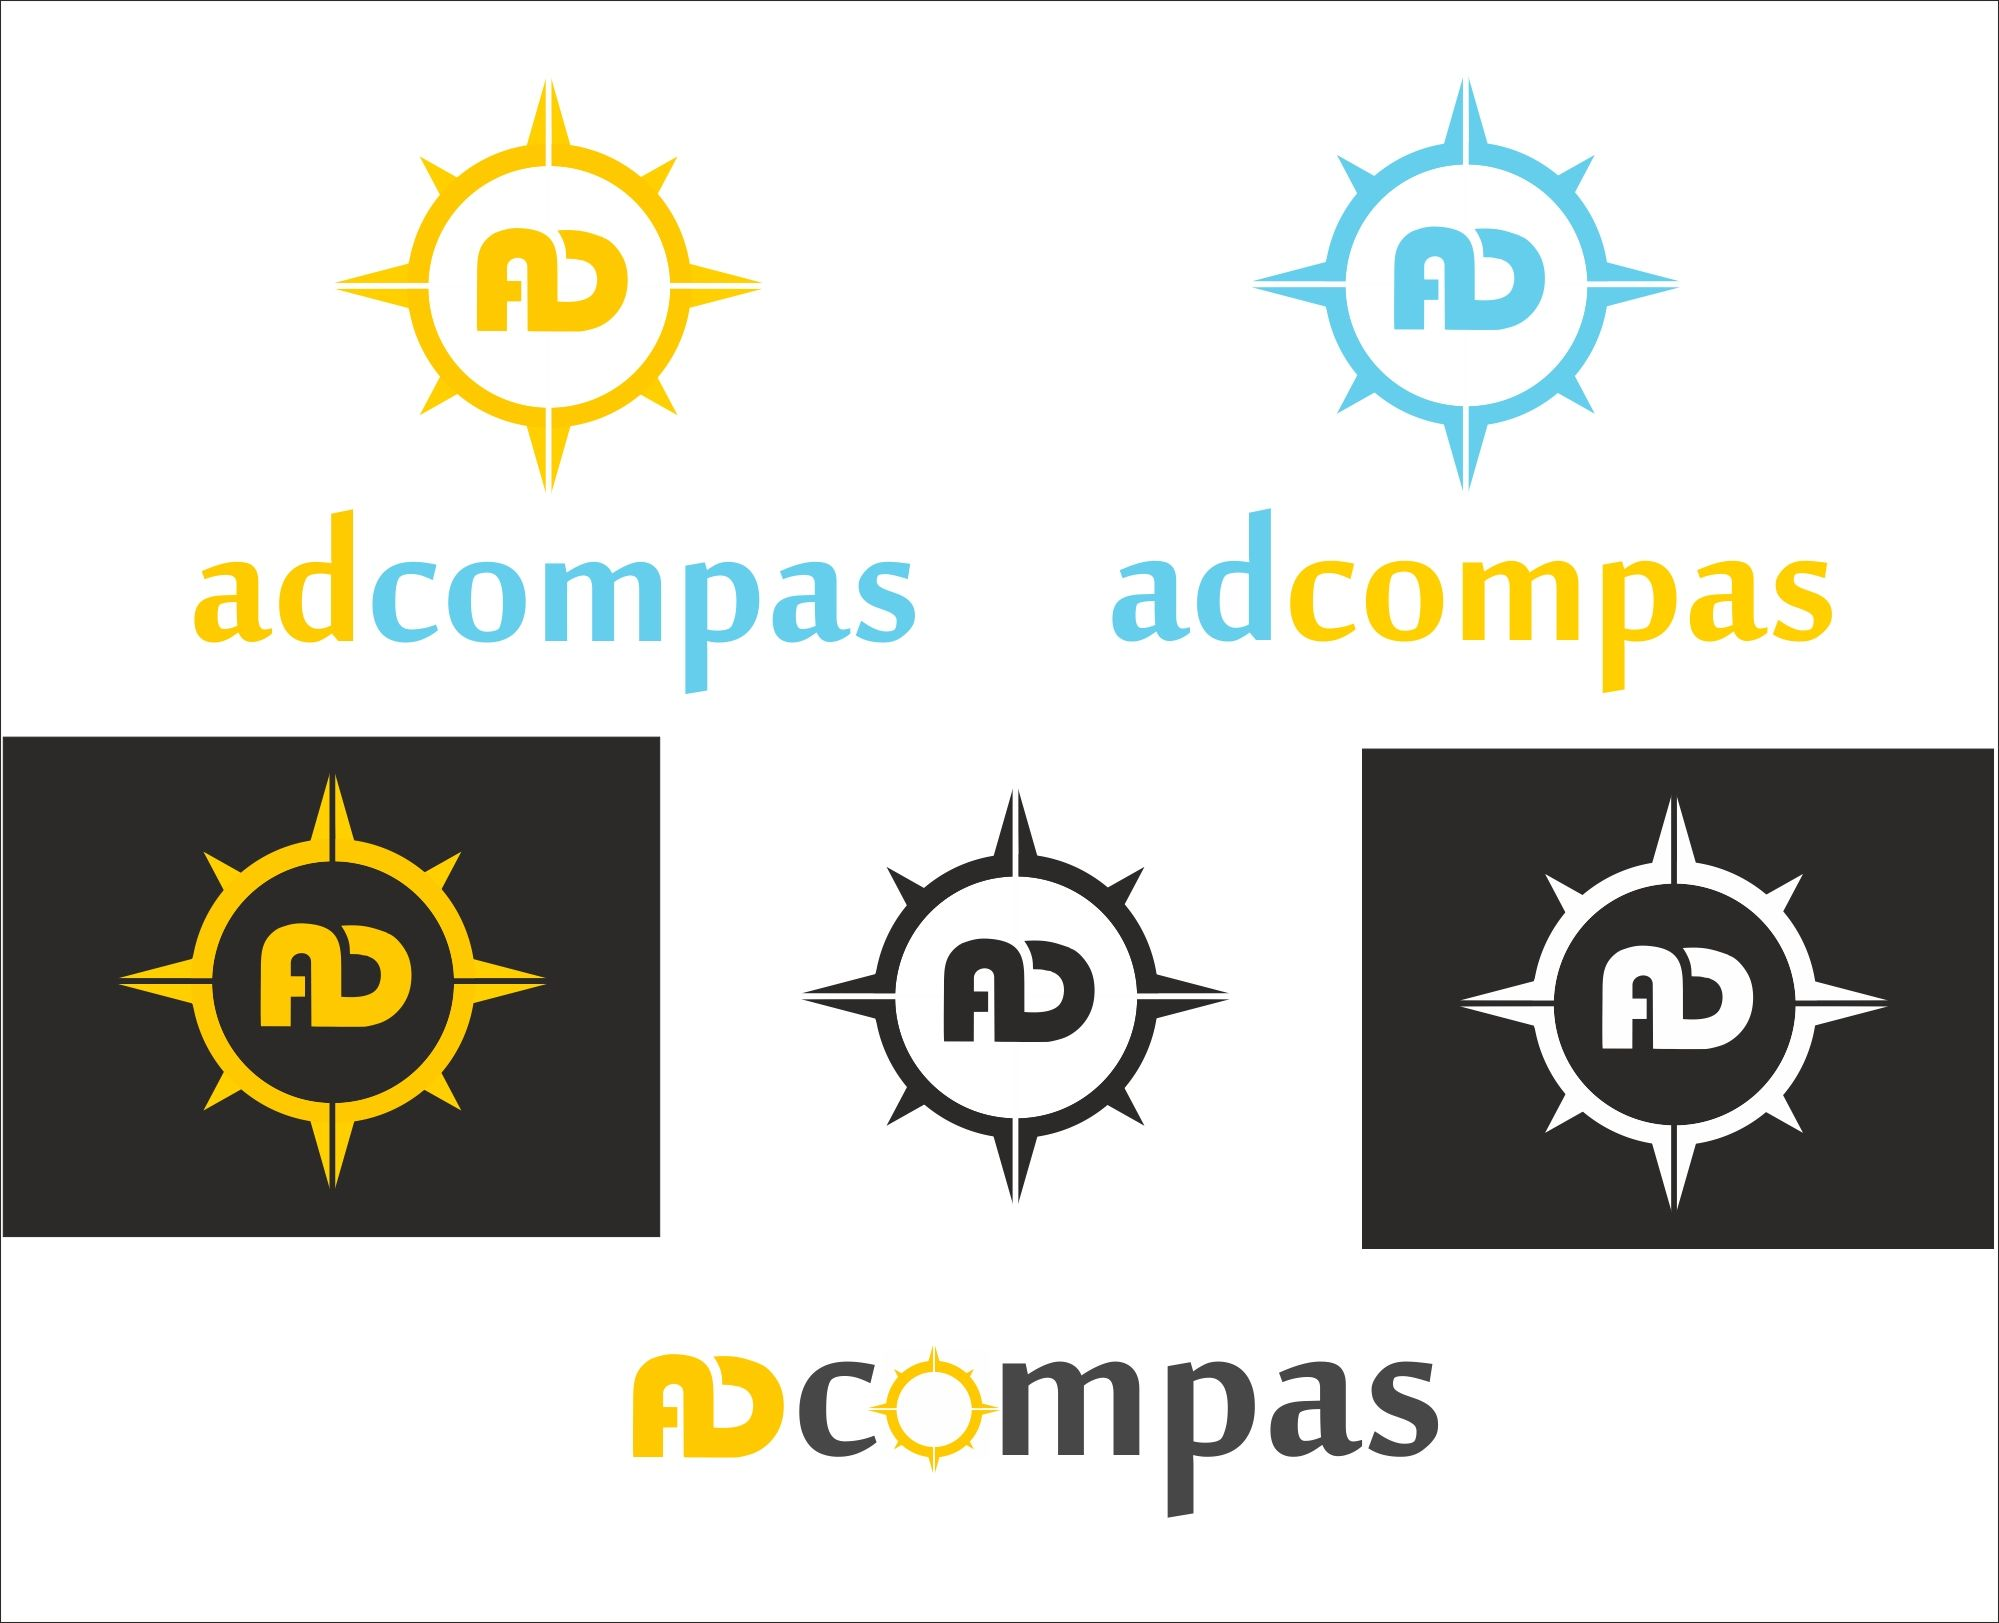 Нужен логотип для сайта рекламной компании СPA  - дизайнер infernal0099